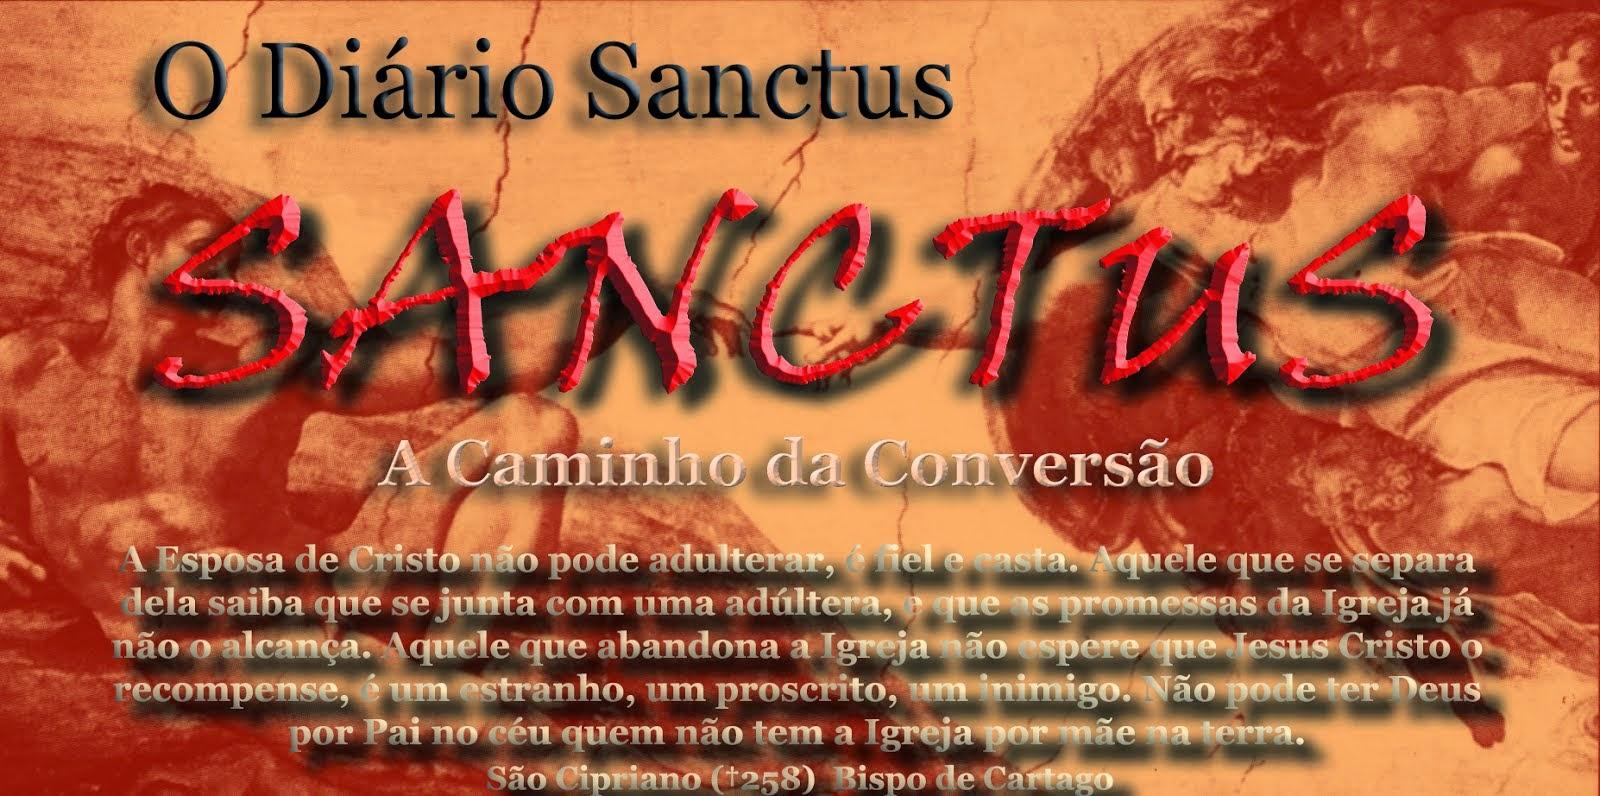 O Diário Sanctus